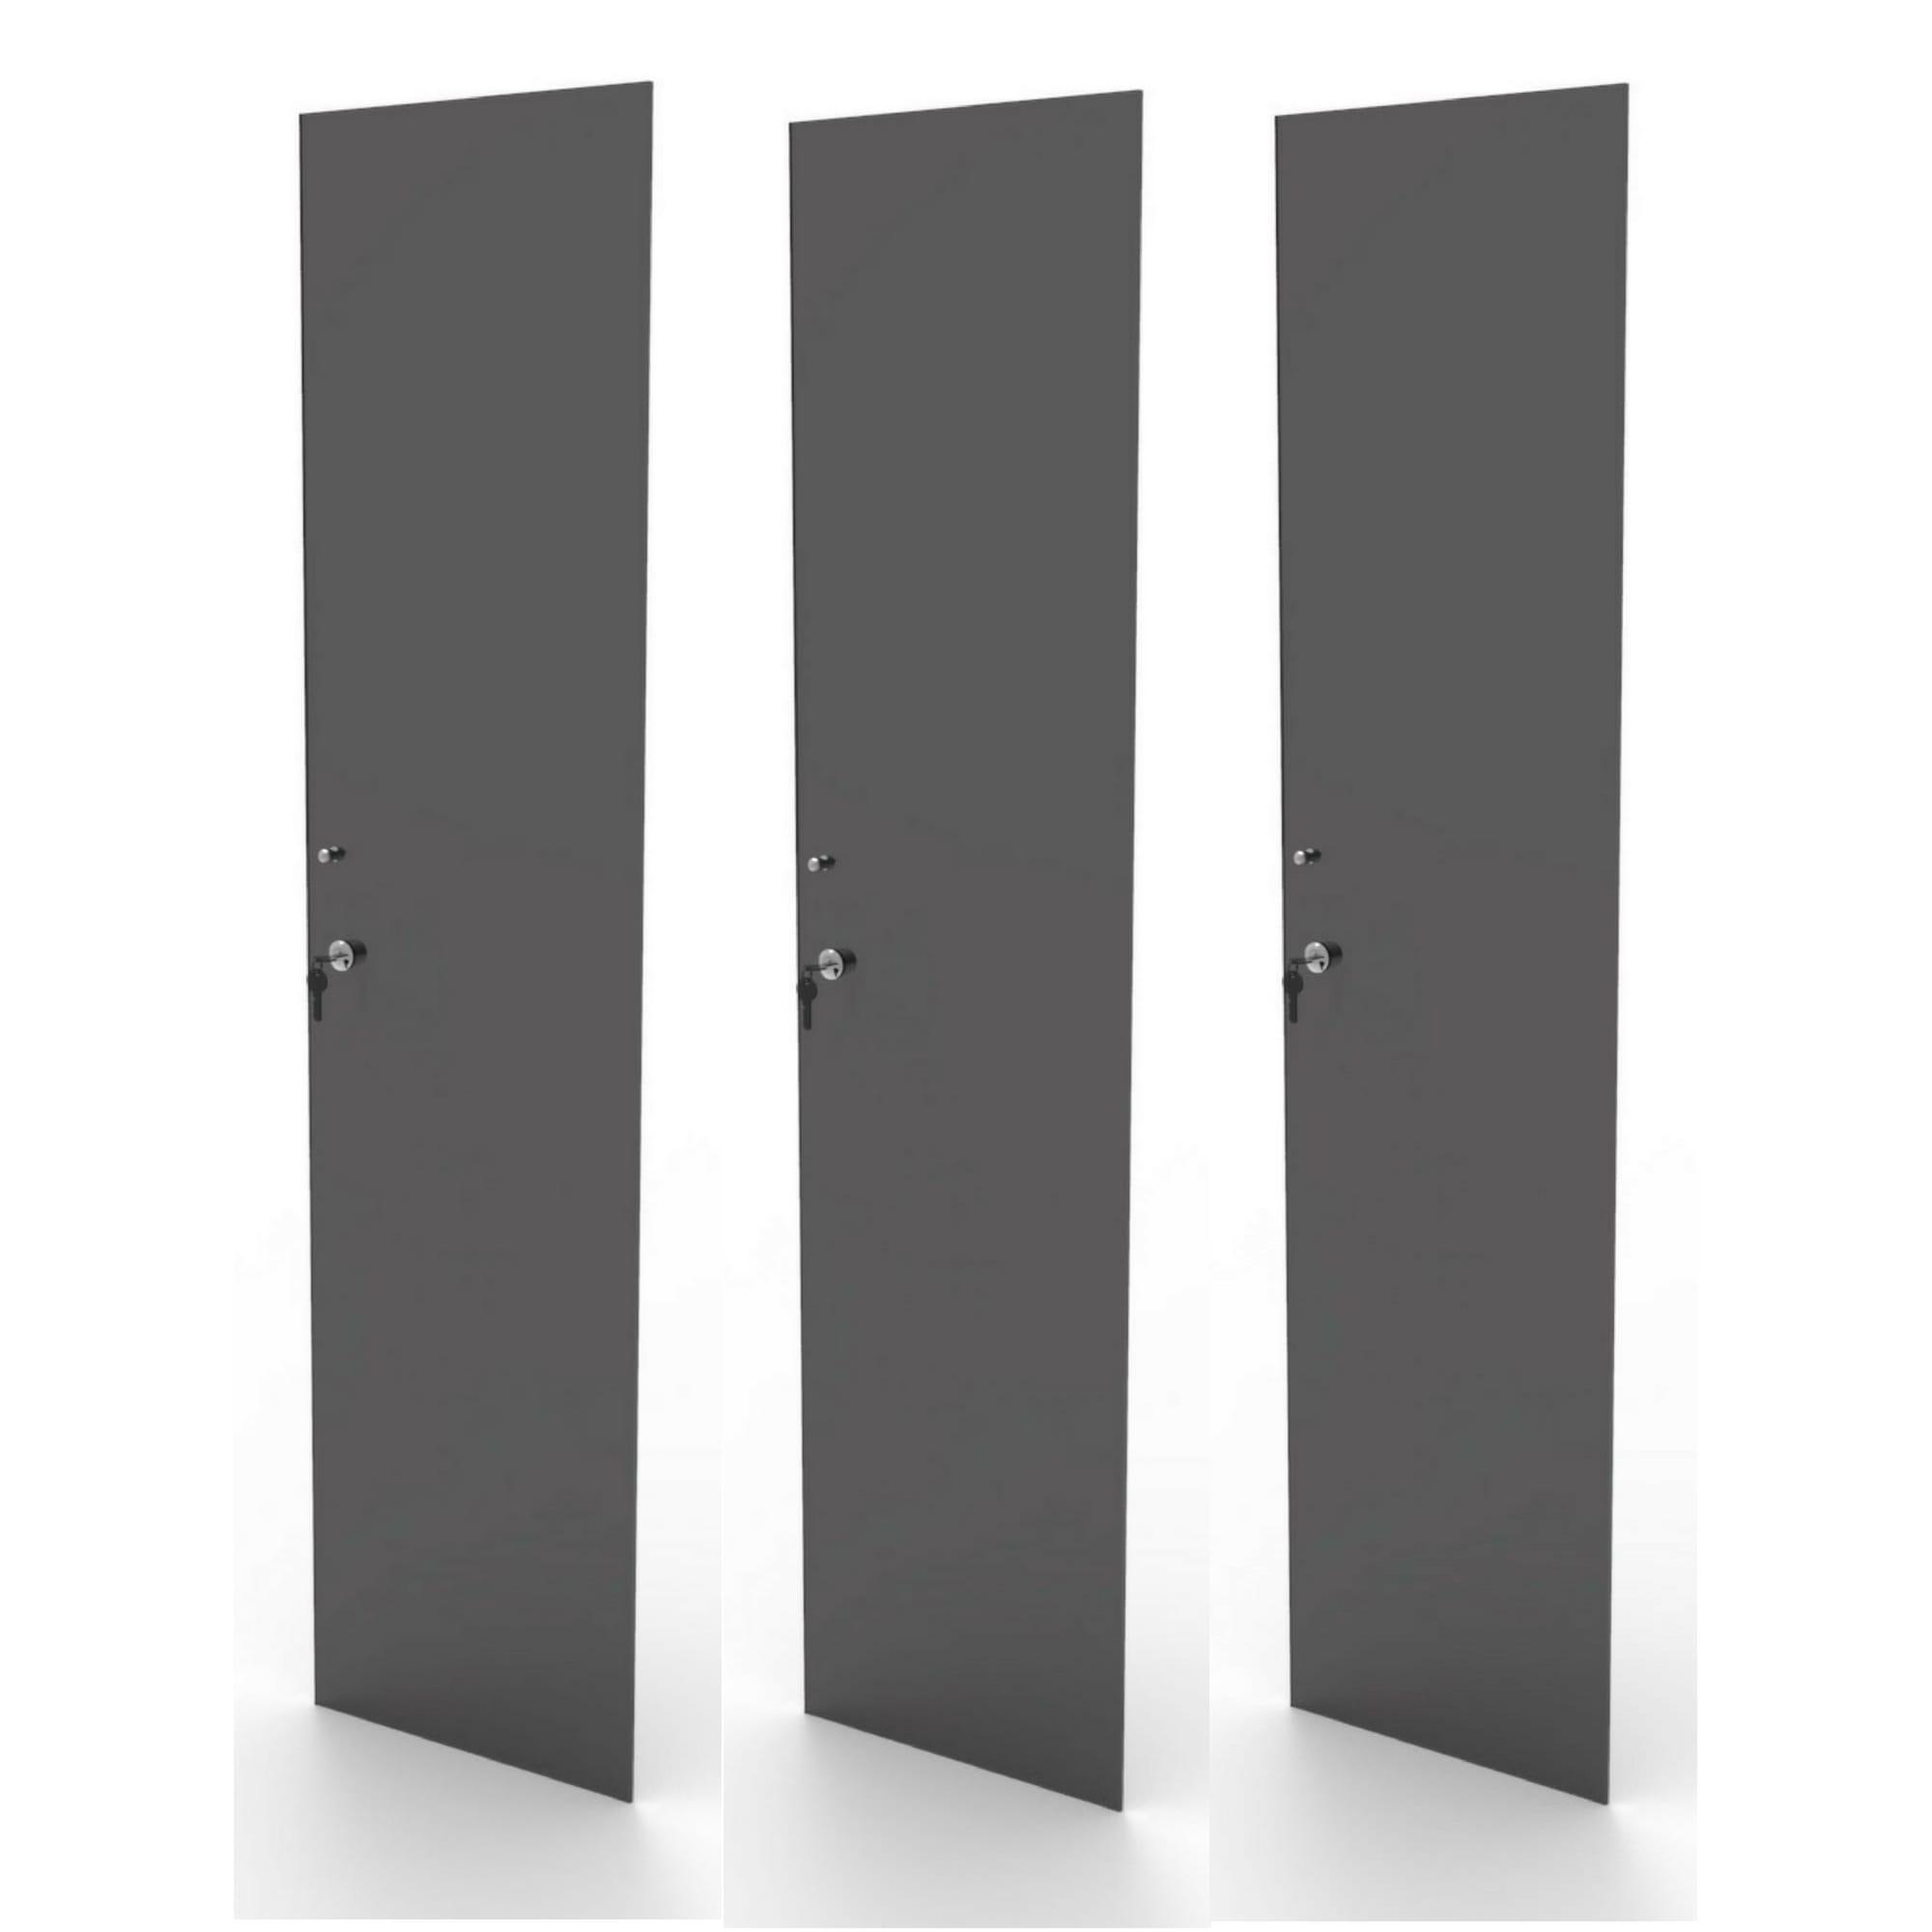 Kit 3 portas de vidro fumê com chave para estante CD e DV